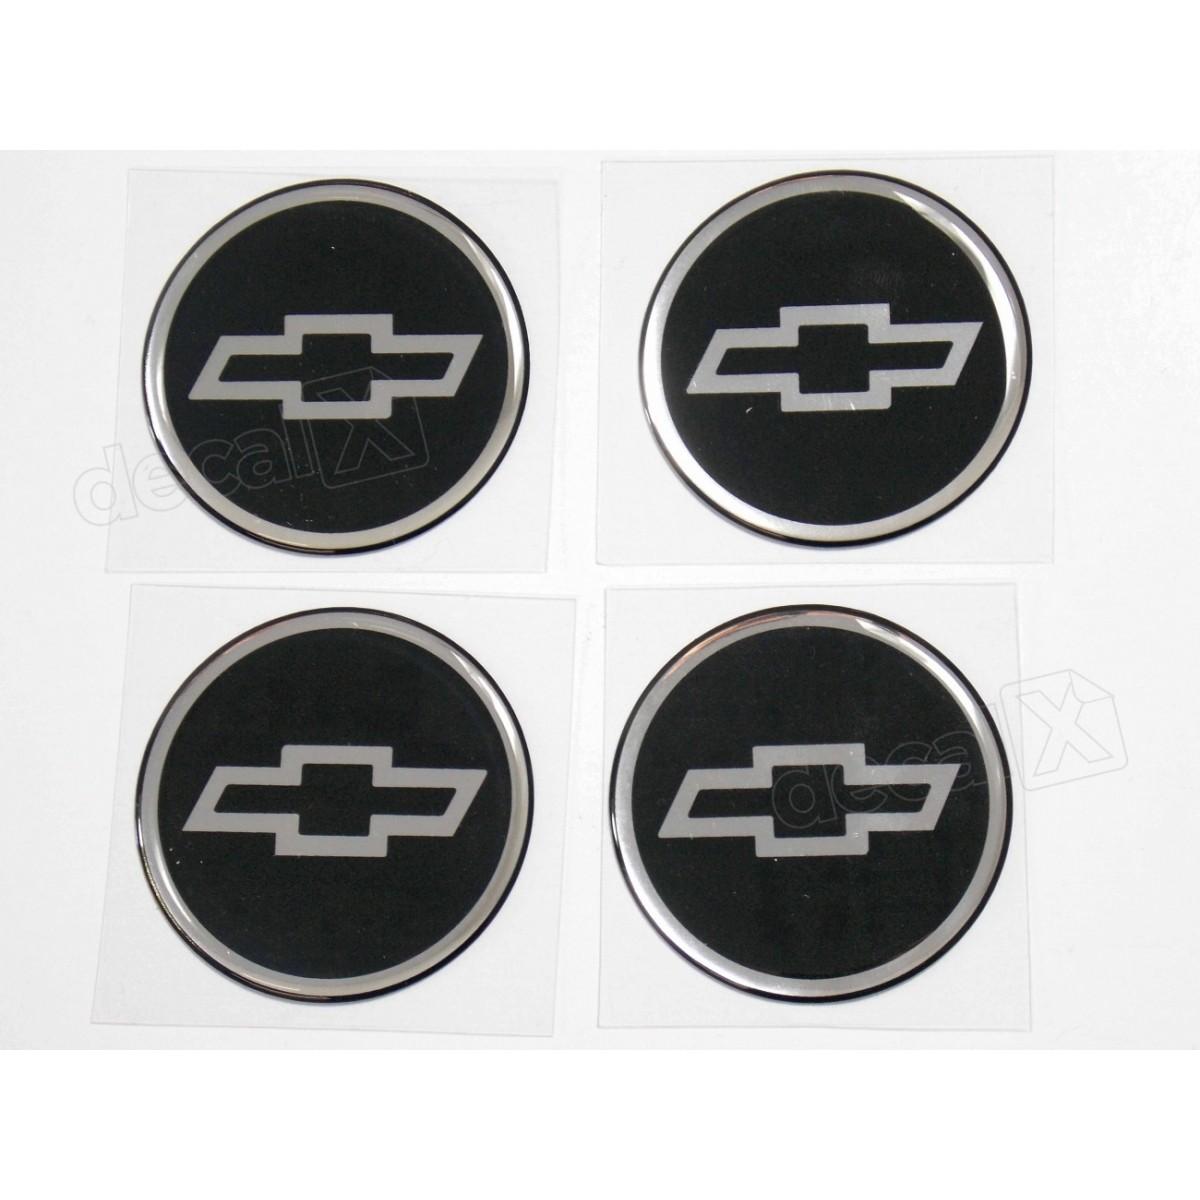 Adesivo Emblema Resinado Roda Chevrolet 51mm Cl14